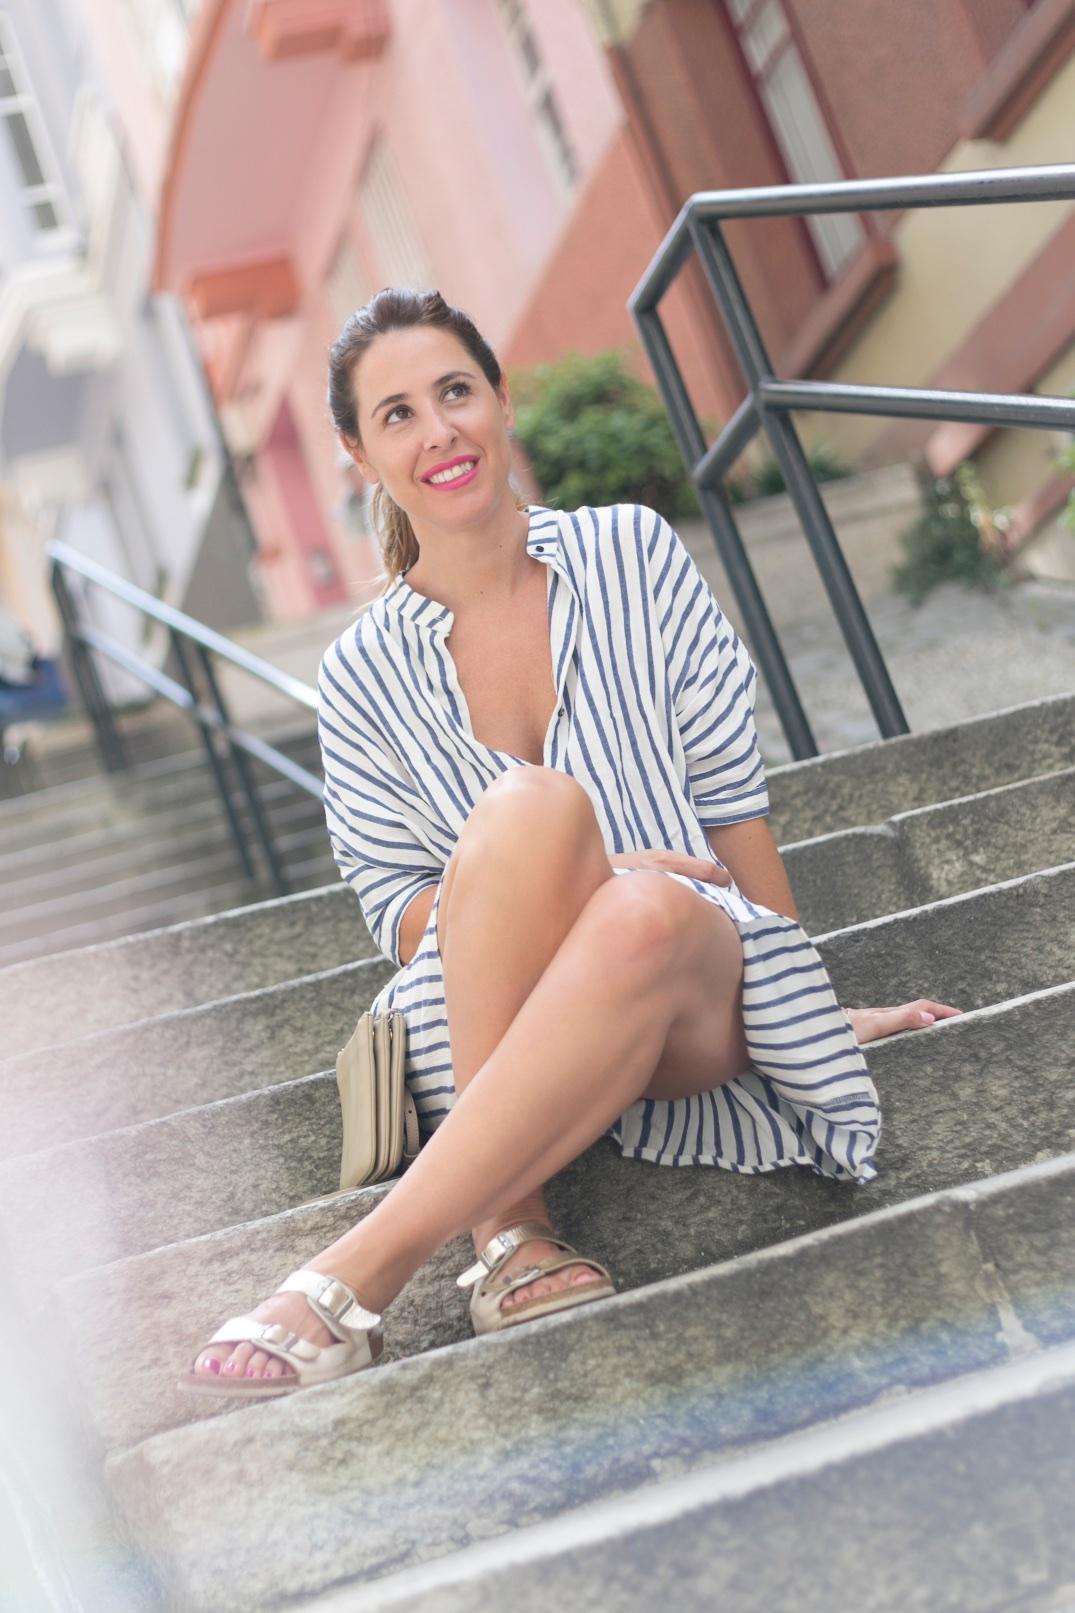 moda-blogger-mommyblogger-streetstyle-coruña-descalzaporelparque